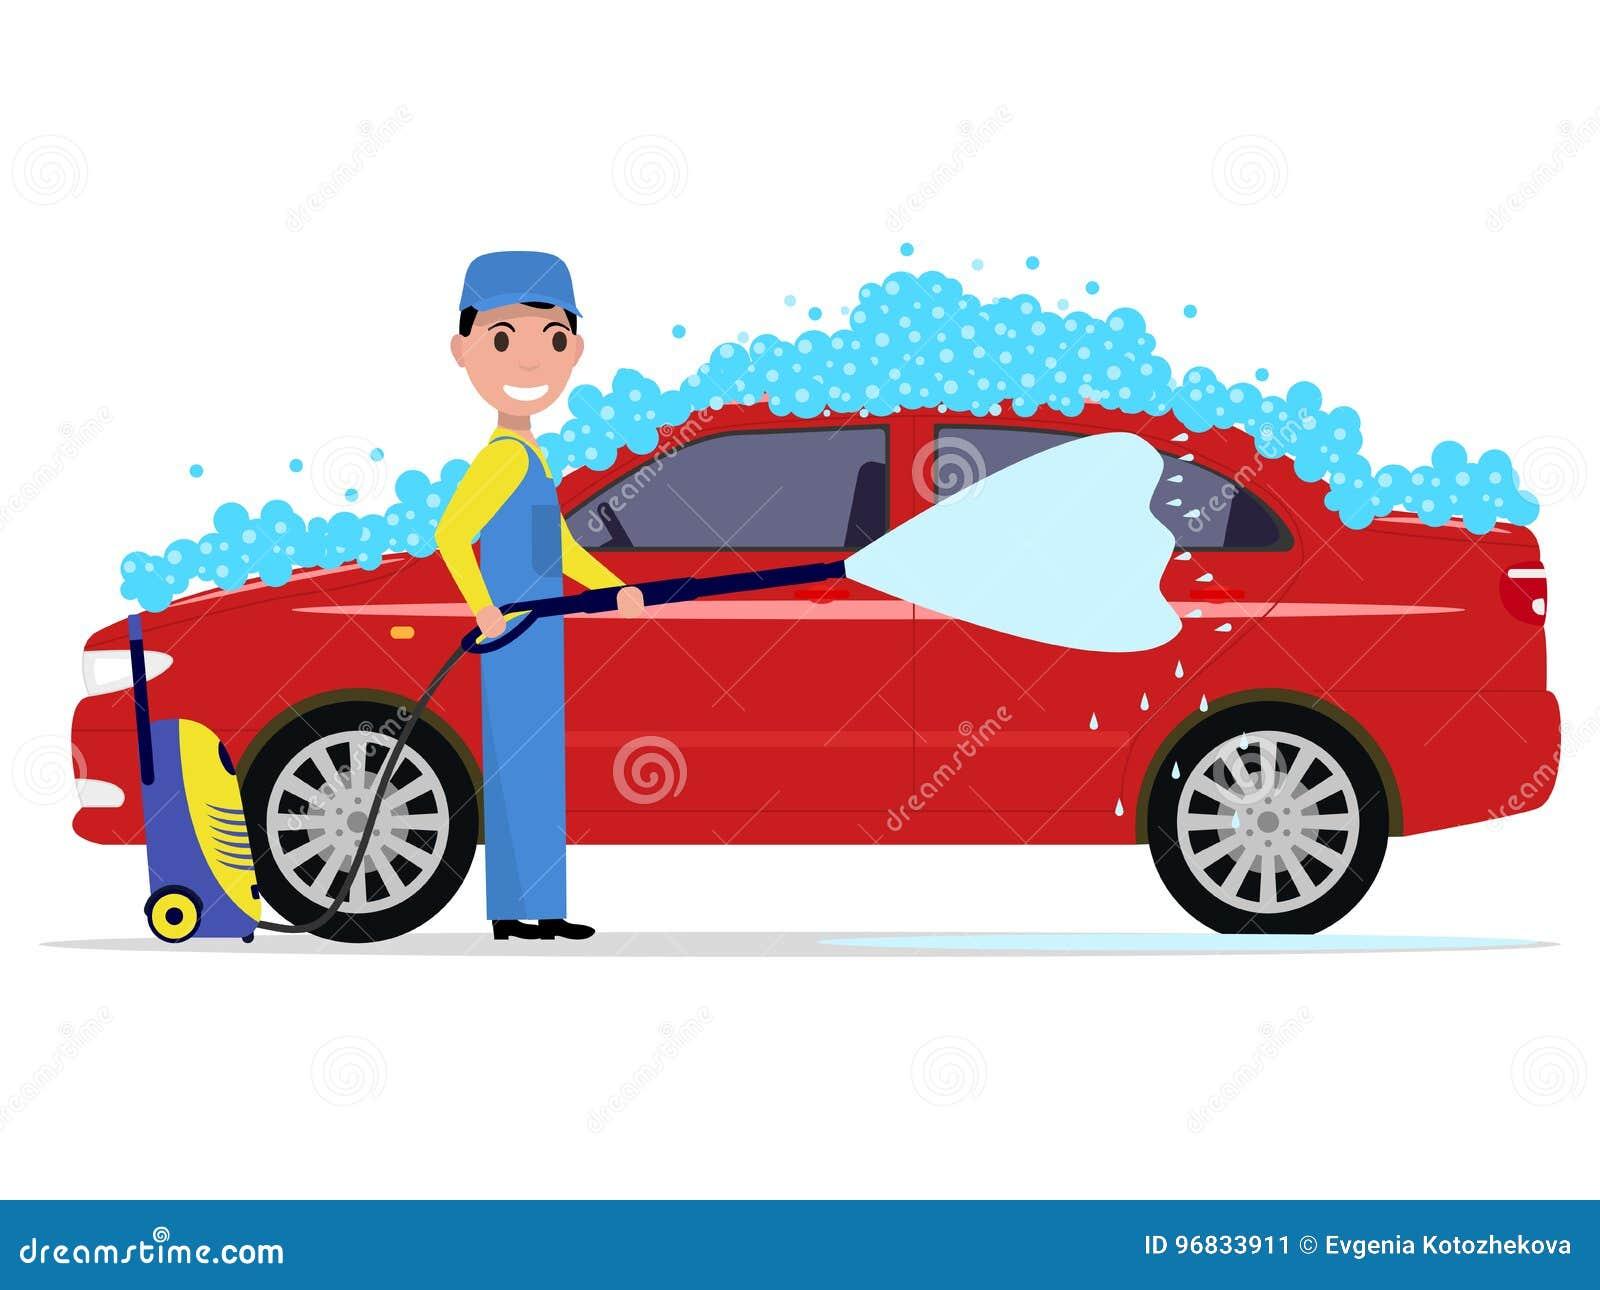 Vektorillustrationen av en tecknad filmman tvättar en bil